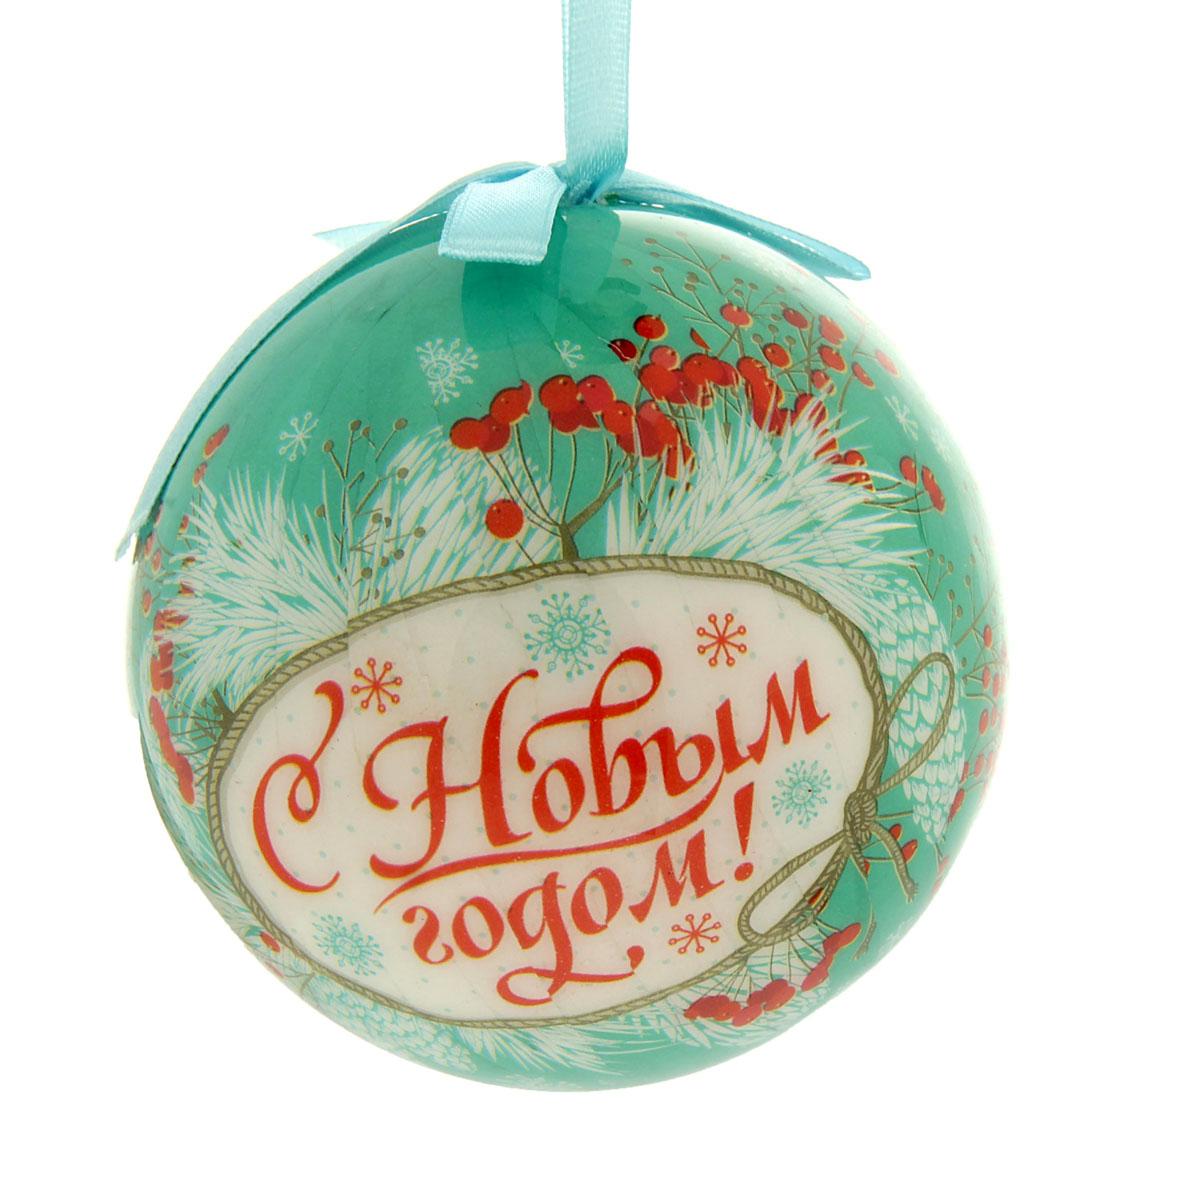 Новогоднее подвесное украшение Sima-land Шар, диаметр 10 см. 279350279350Новогоднее подвесное украшение Sima-land выполнено из высококачественного пенопласта в форме шара и покрыто цветной пленкой. Шар декорирован новогодним рисунком и текстильным бантом. С помощью специальной петельки украшение можно повесить в любом понравившемся вам месте. Но, конечно, удачнее всего такой набор будет смотреться на праздничной елке. Елочная игрушка - символ Нового года. Она несет в себе волшебство и красоту праздника. Создайте в своем доме атмосферу веселья и радости, украшая новогоднюю елку нарядными игрушками, которые будут из года в год накапливать теплоту воспоминаний. УВАЖАЕМЫЕ КЛИЕНТЫ! Обращаем ваше внимание на возможные изменения в дизайне, связанные с ассортиментом продукции. Поставка осуществляется в зависимости от наличия на складе. Материал: пенопласт, пленка, текстиль.